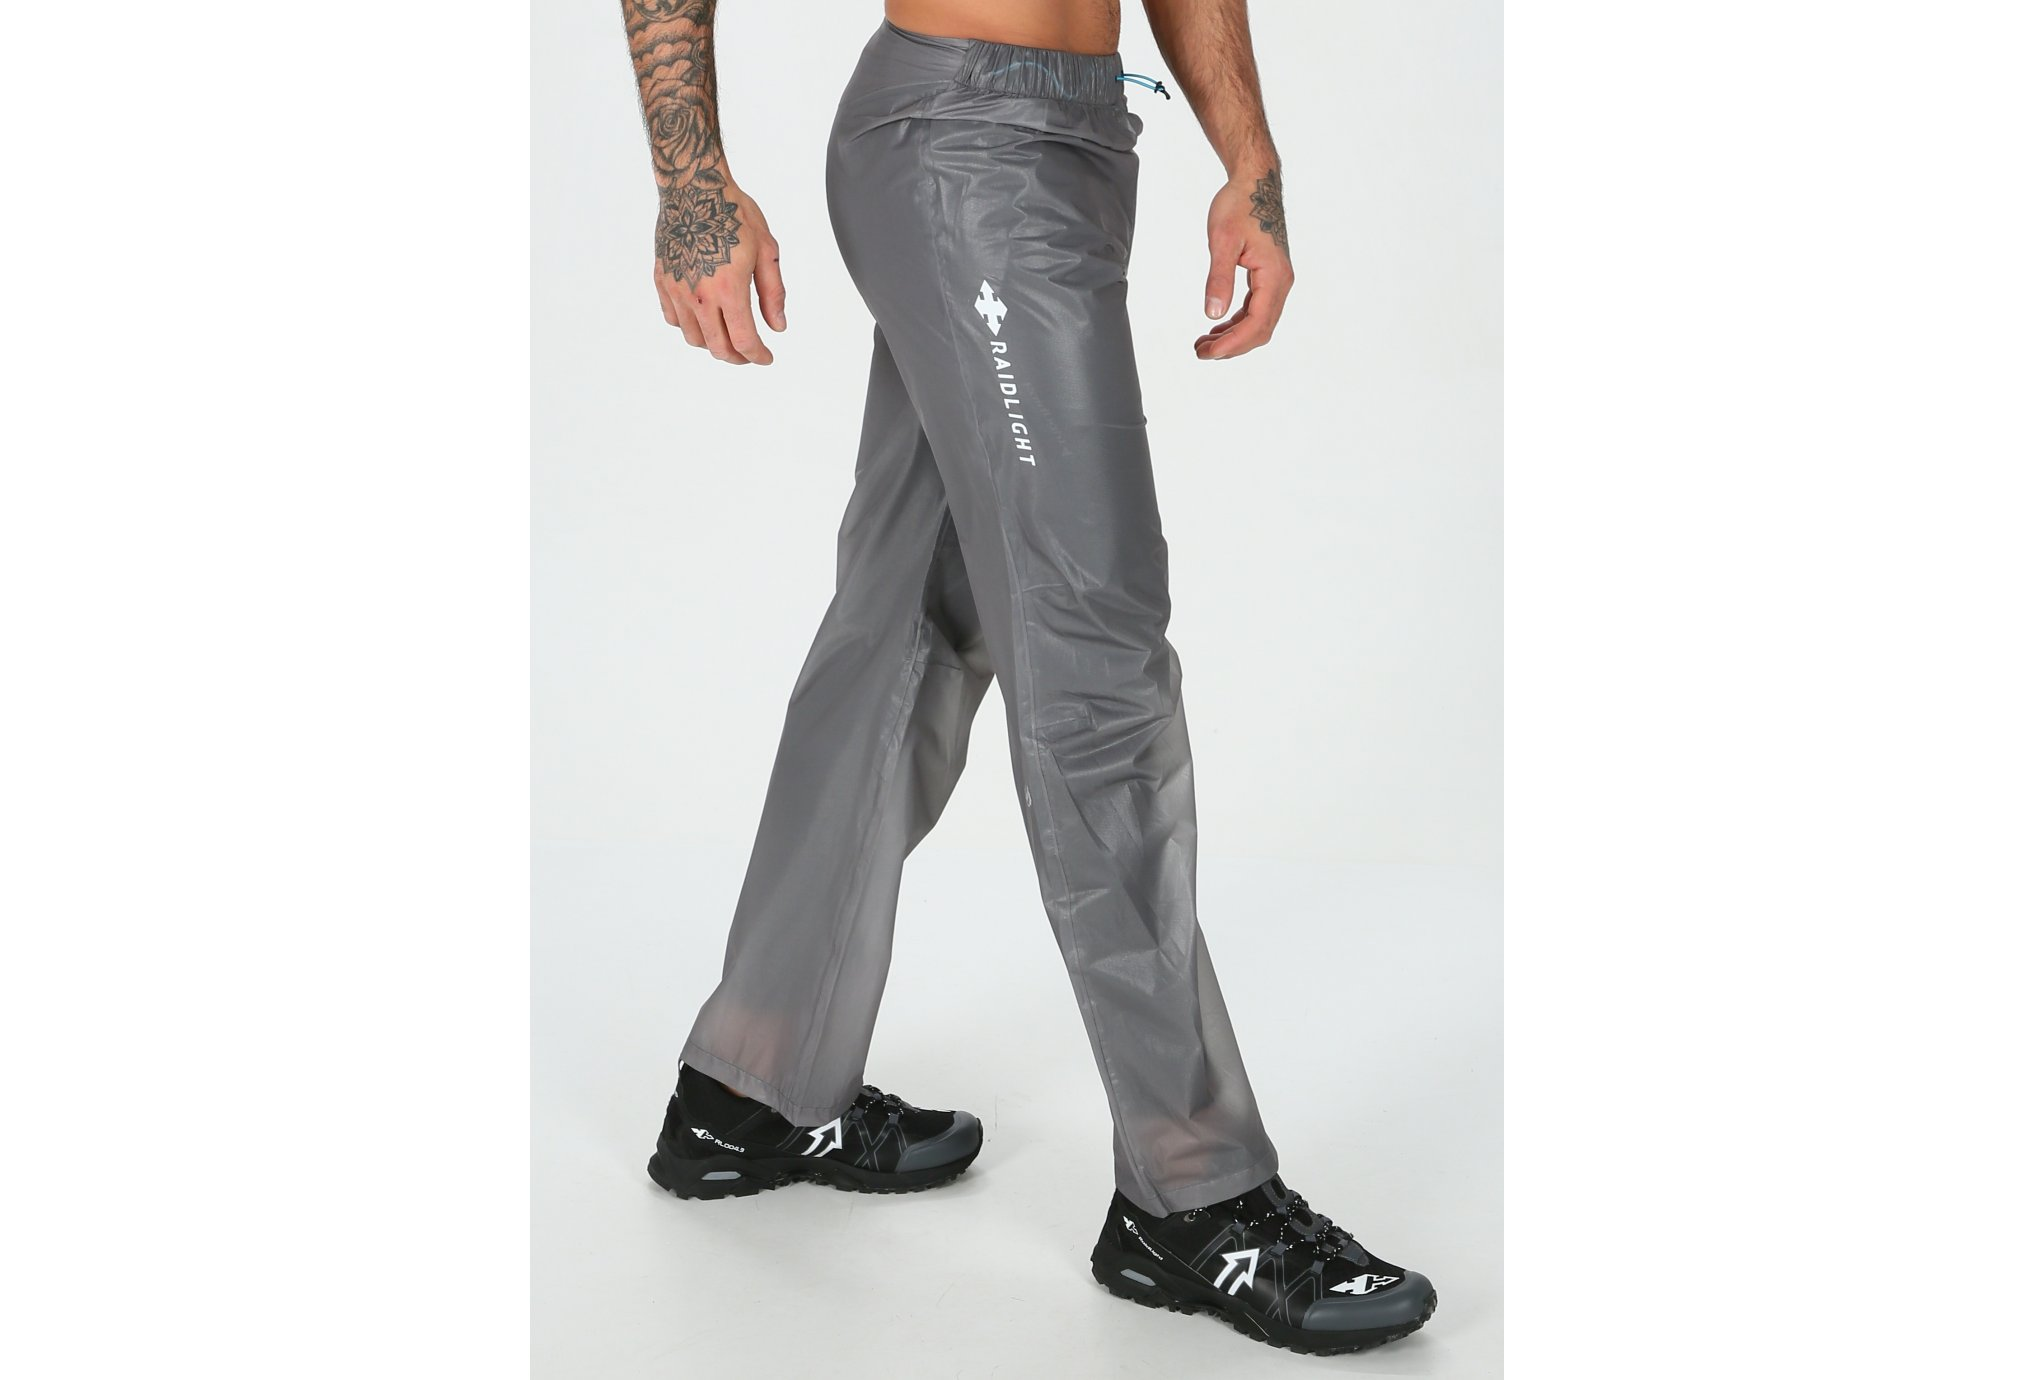 Raidlight Ultra MP+ vêtement running homme